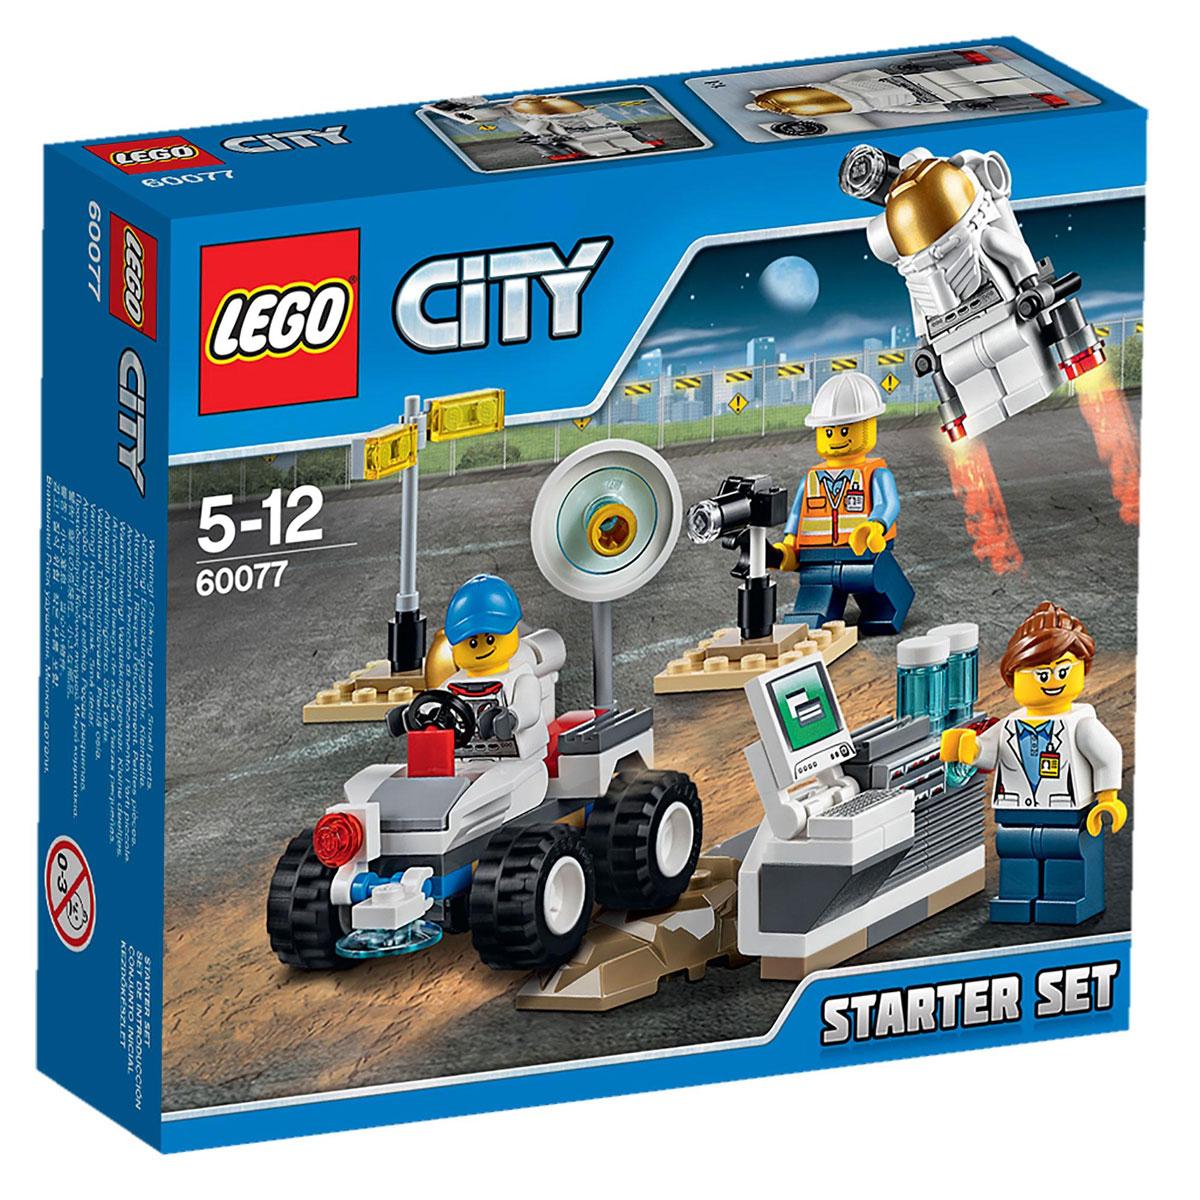 LEGO City Конструктор Космос 6007760077Присоединяйся к космической команде в испытательной лаборатории с набором для начинающих Lego City Космос! Помоги инженеру затянуть гайки и болты и проверить инфракрасную камеру и функцию бурения на марсоходе, прежде чем отправить его на тест-драйв по смоделированной поверхности Марса. Помоги космонавту проверить реактивный ранец, а затем присоединяйся к ученым на компьютерной станции, чтобы изучить результаты. И это всего один день работы космической команды Lego City! В набор входят 4 минифигурки с разнообразными аксессуарами: учёный, инженер и 2 космонавта. В процессе игры с конструкторами LEGO дети приобретают и постигают такие необходимые навыки как познание, творчество, воображение. Обычные наблюдения за детьми показывают, что единственное, чему они с удовольствием посвящают время, - это игры. Игра - это состояние души, это веселый опыт познания реальности. Играя, дети создают собственные миры, осваивают их, восстанавливают прошедшие и будущие события через...